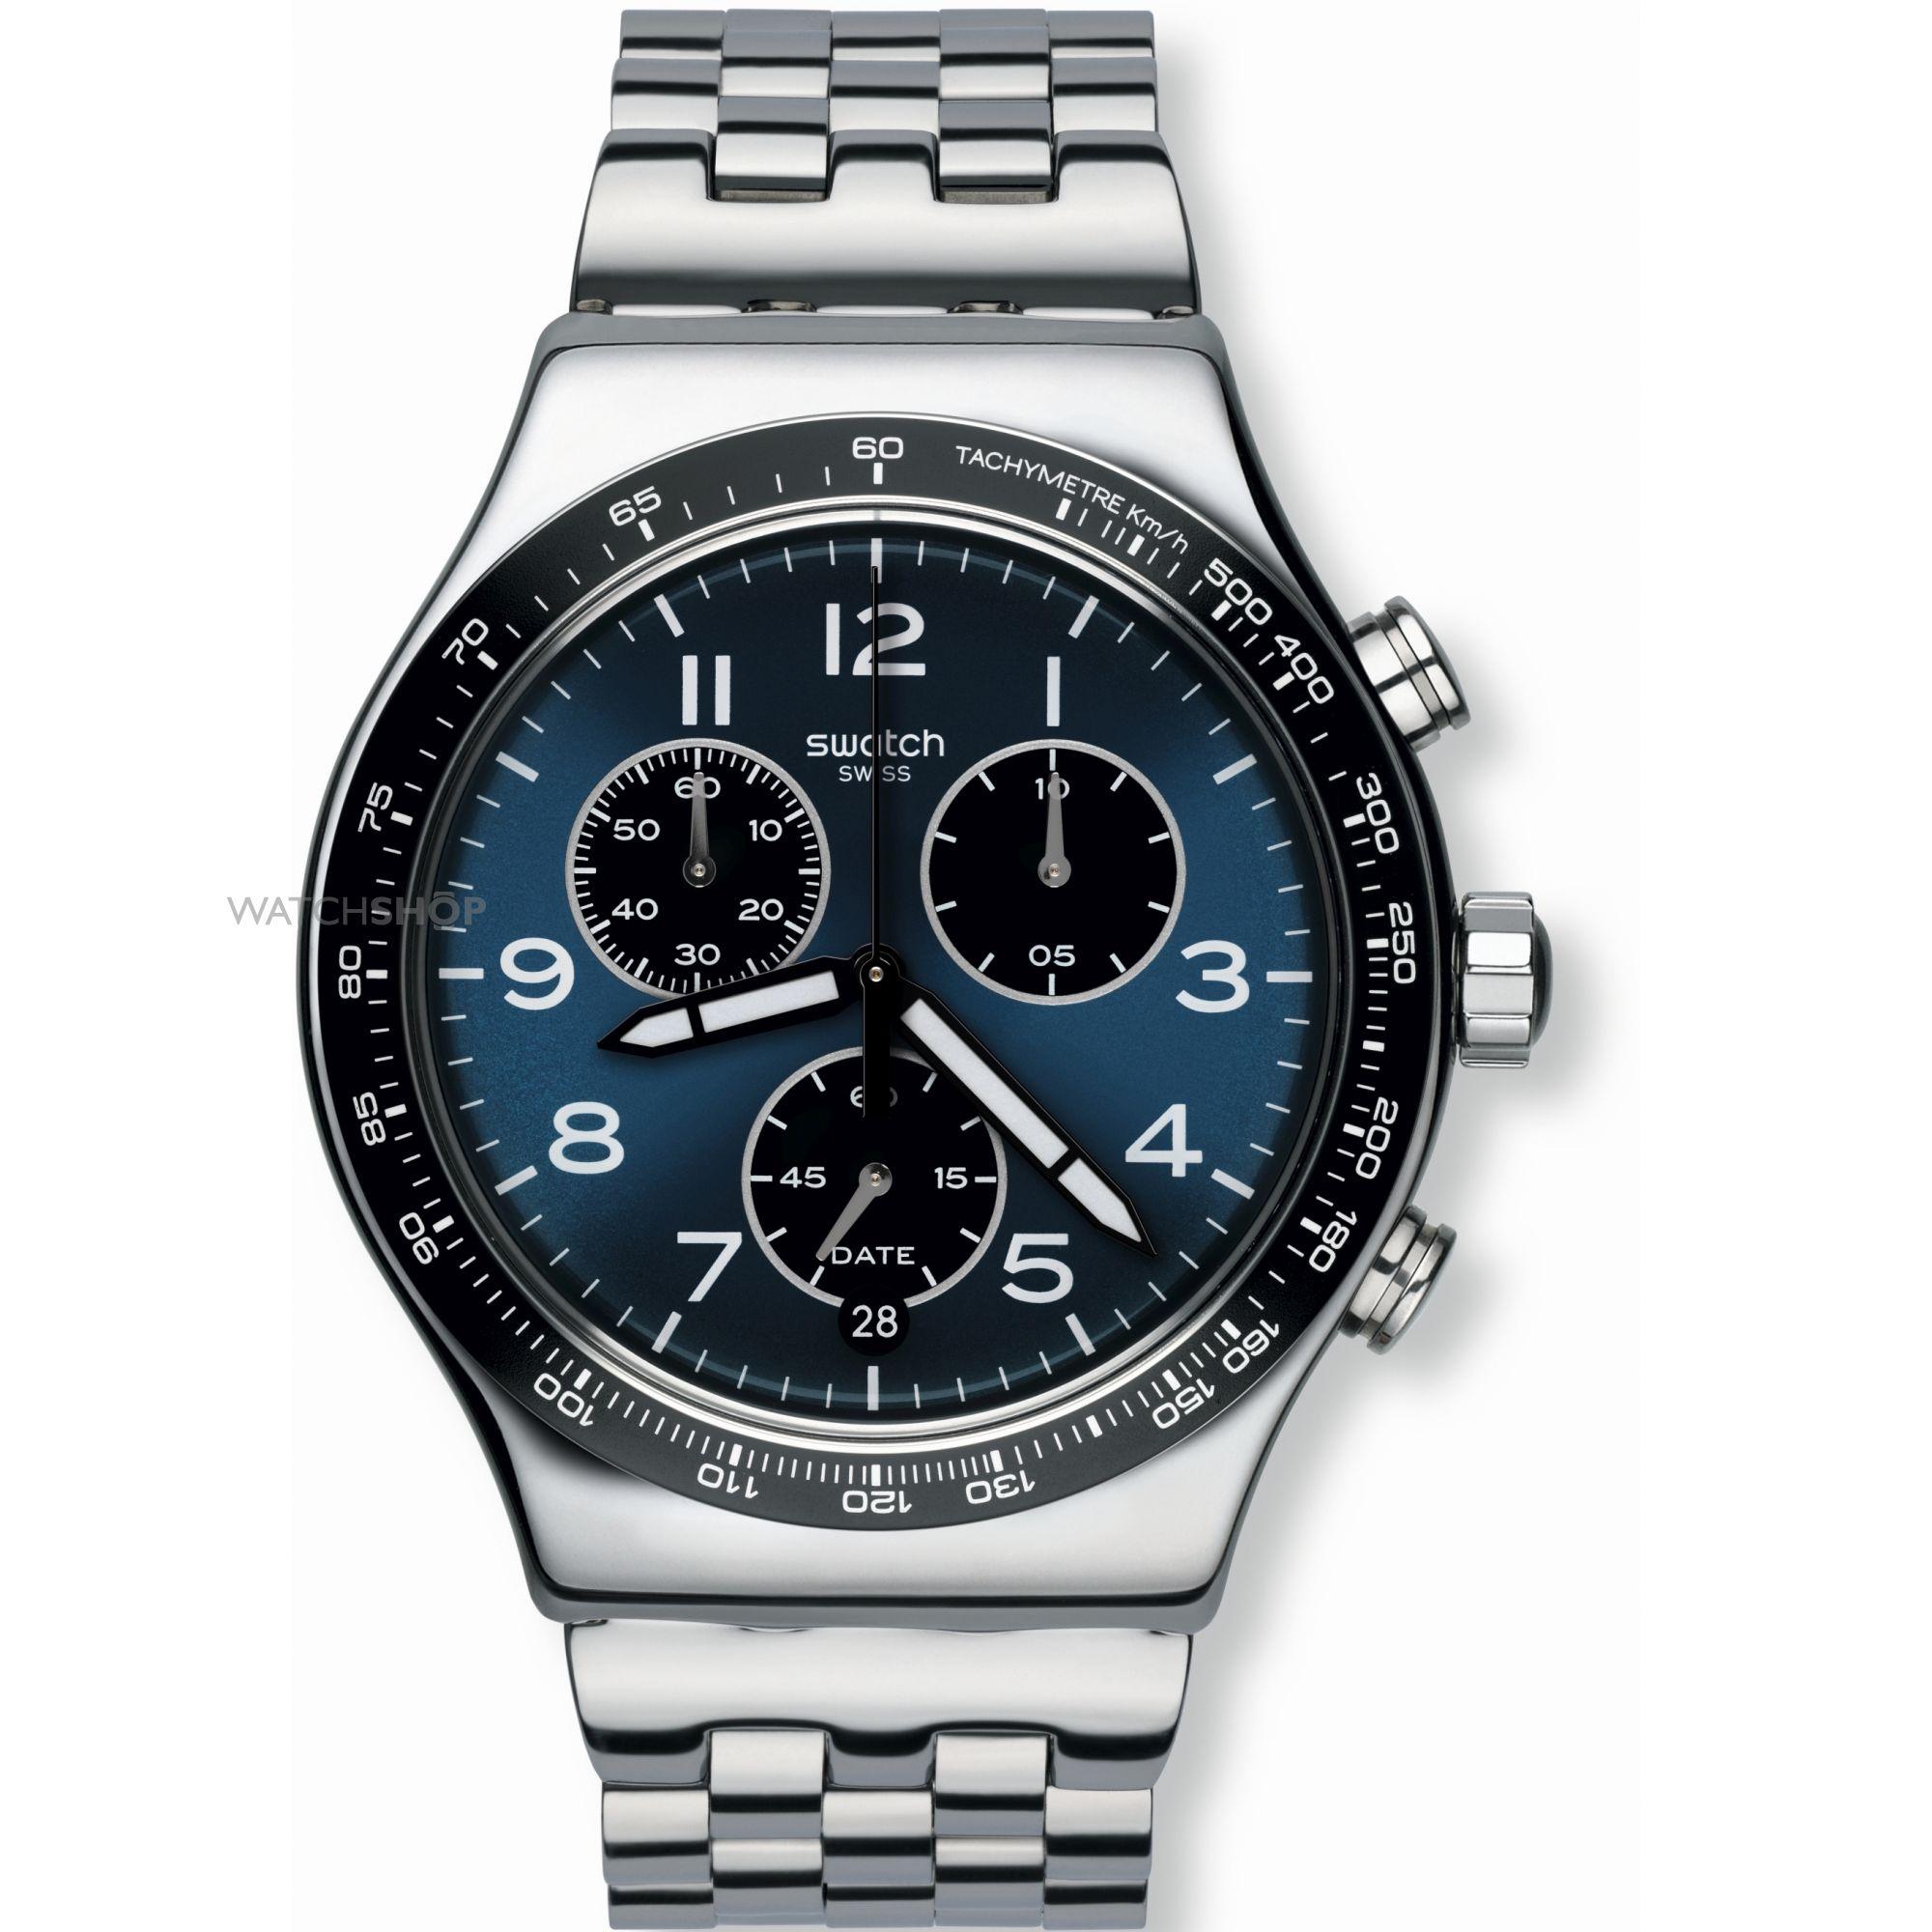 100% originales buscar original vívido y de gran estilo Las 10 mejores marcas de relojes baratos y buenos - Marcas ...